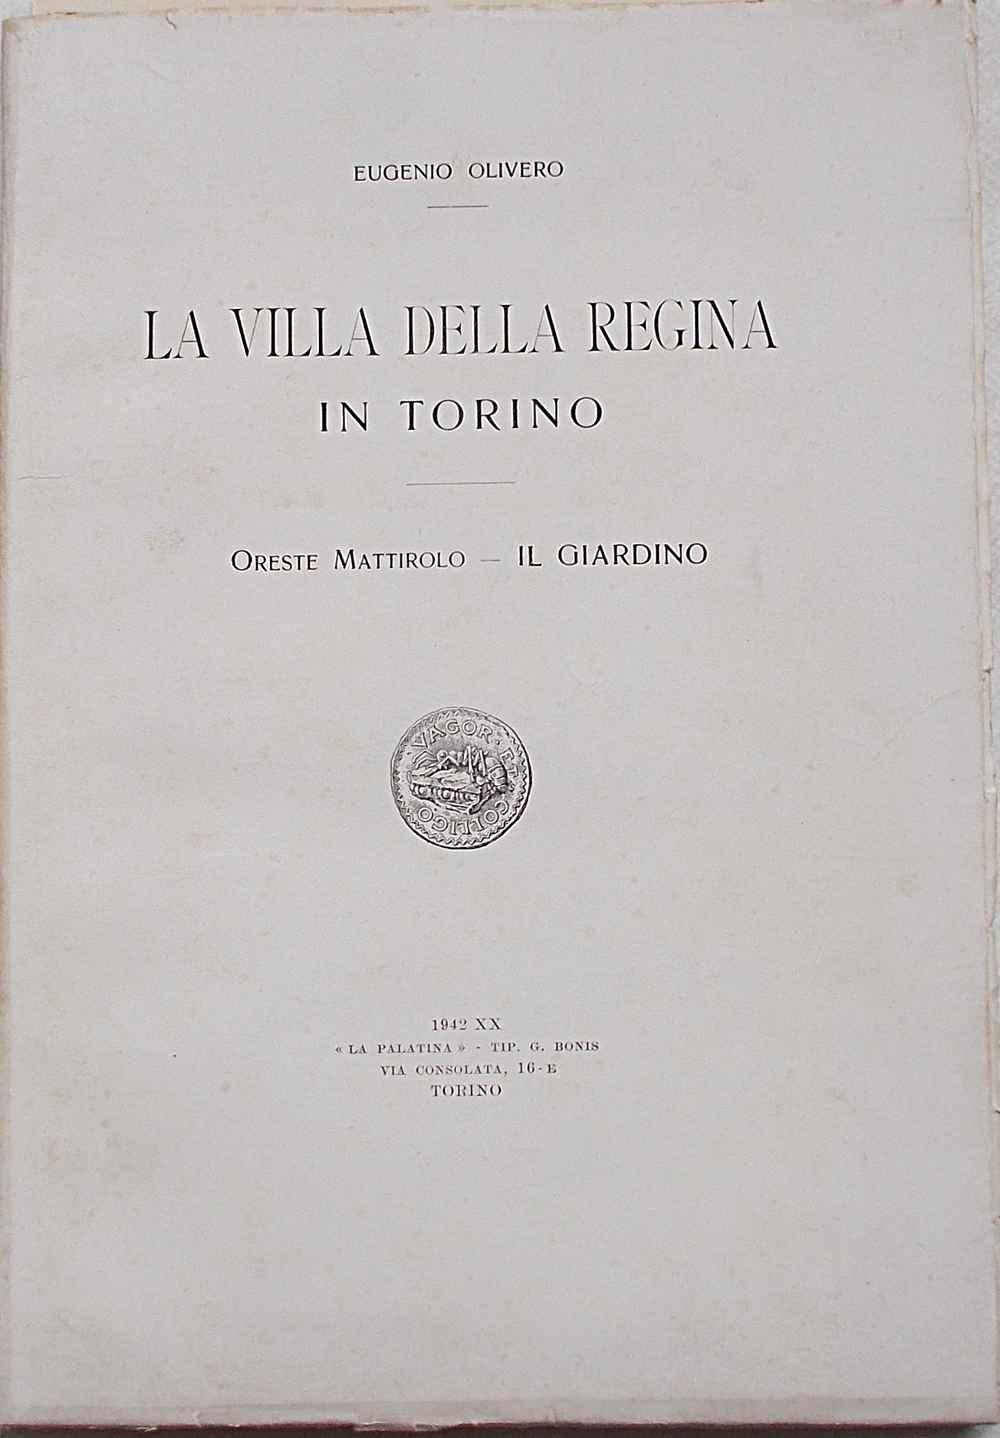 La villa della Regina in Torino. OLIVERO EUGENIO